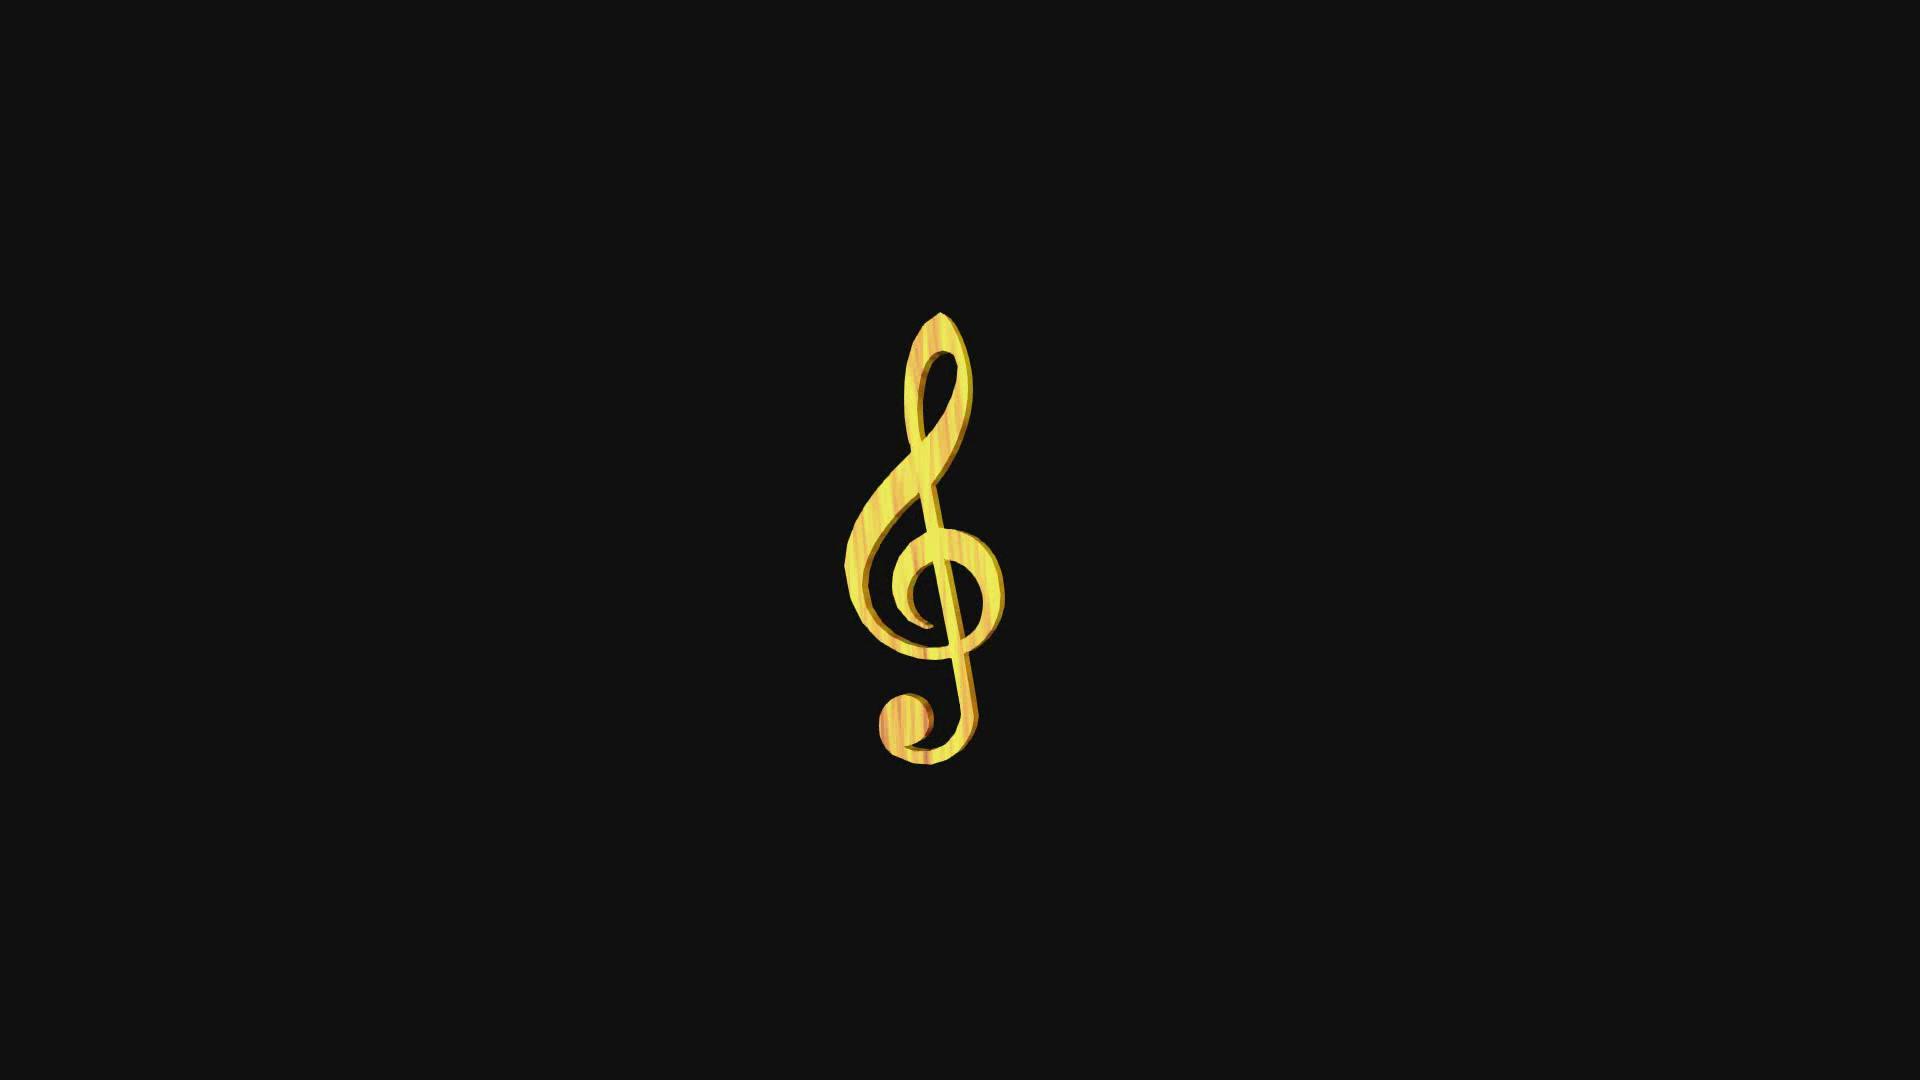 旋转的高音谱号